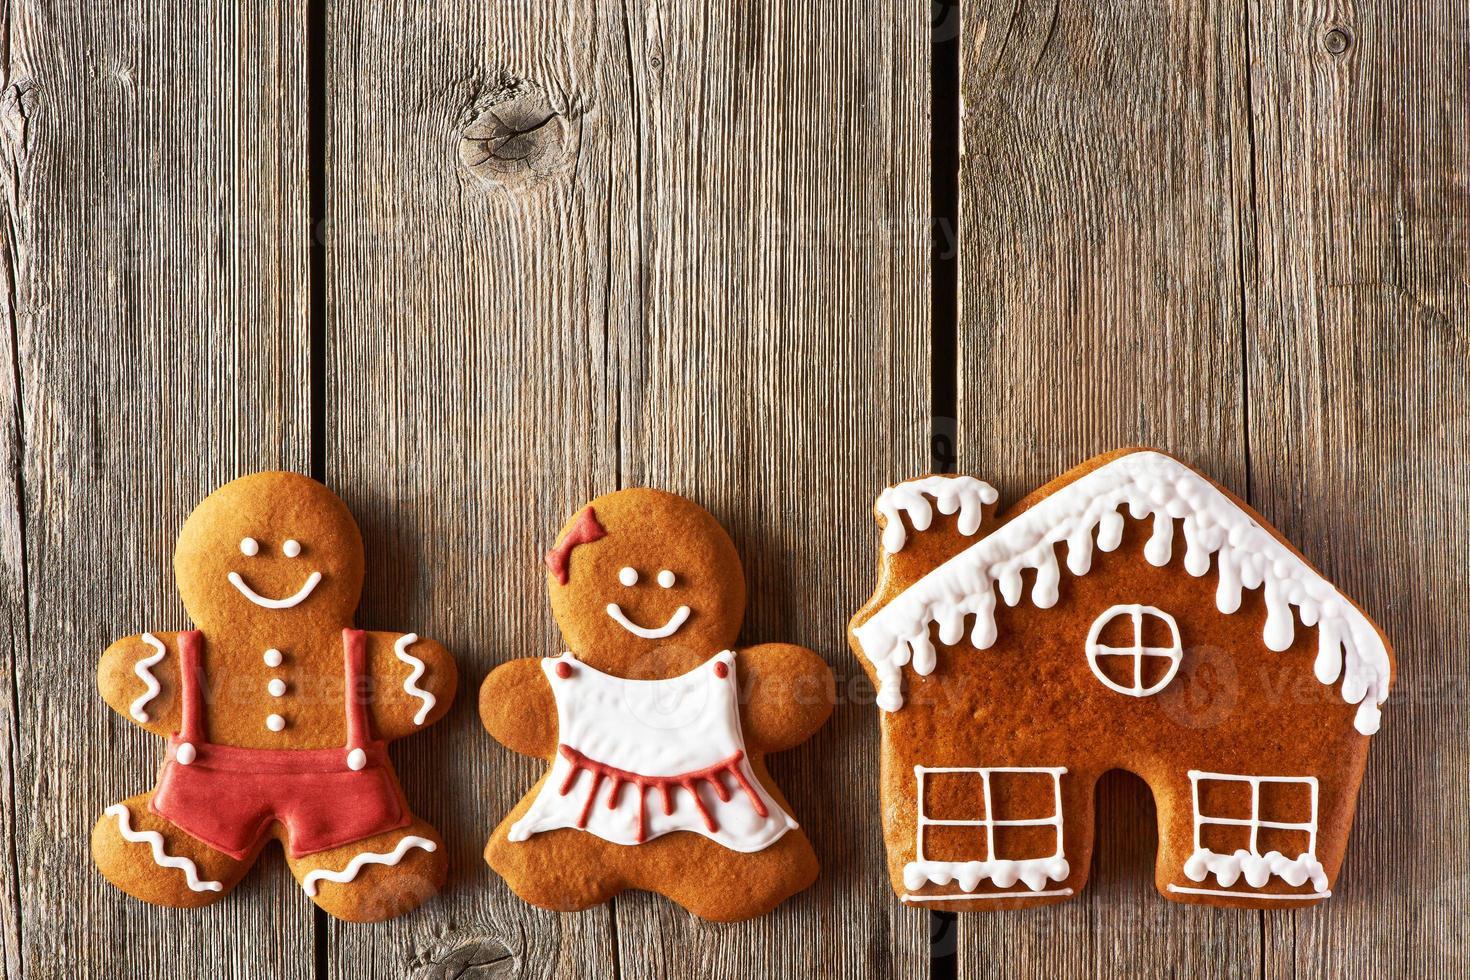 couple de pain d'épice de Noël et biscuits maison photo